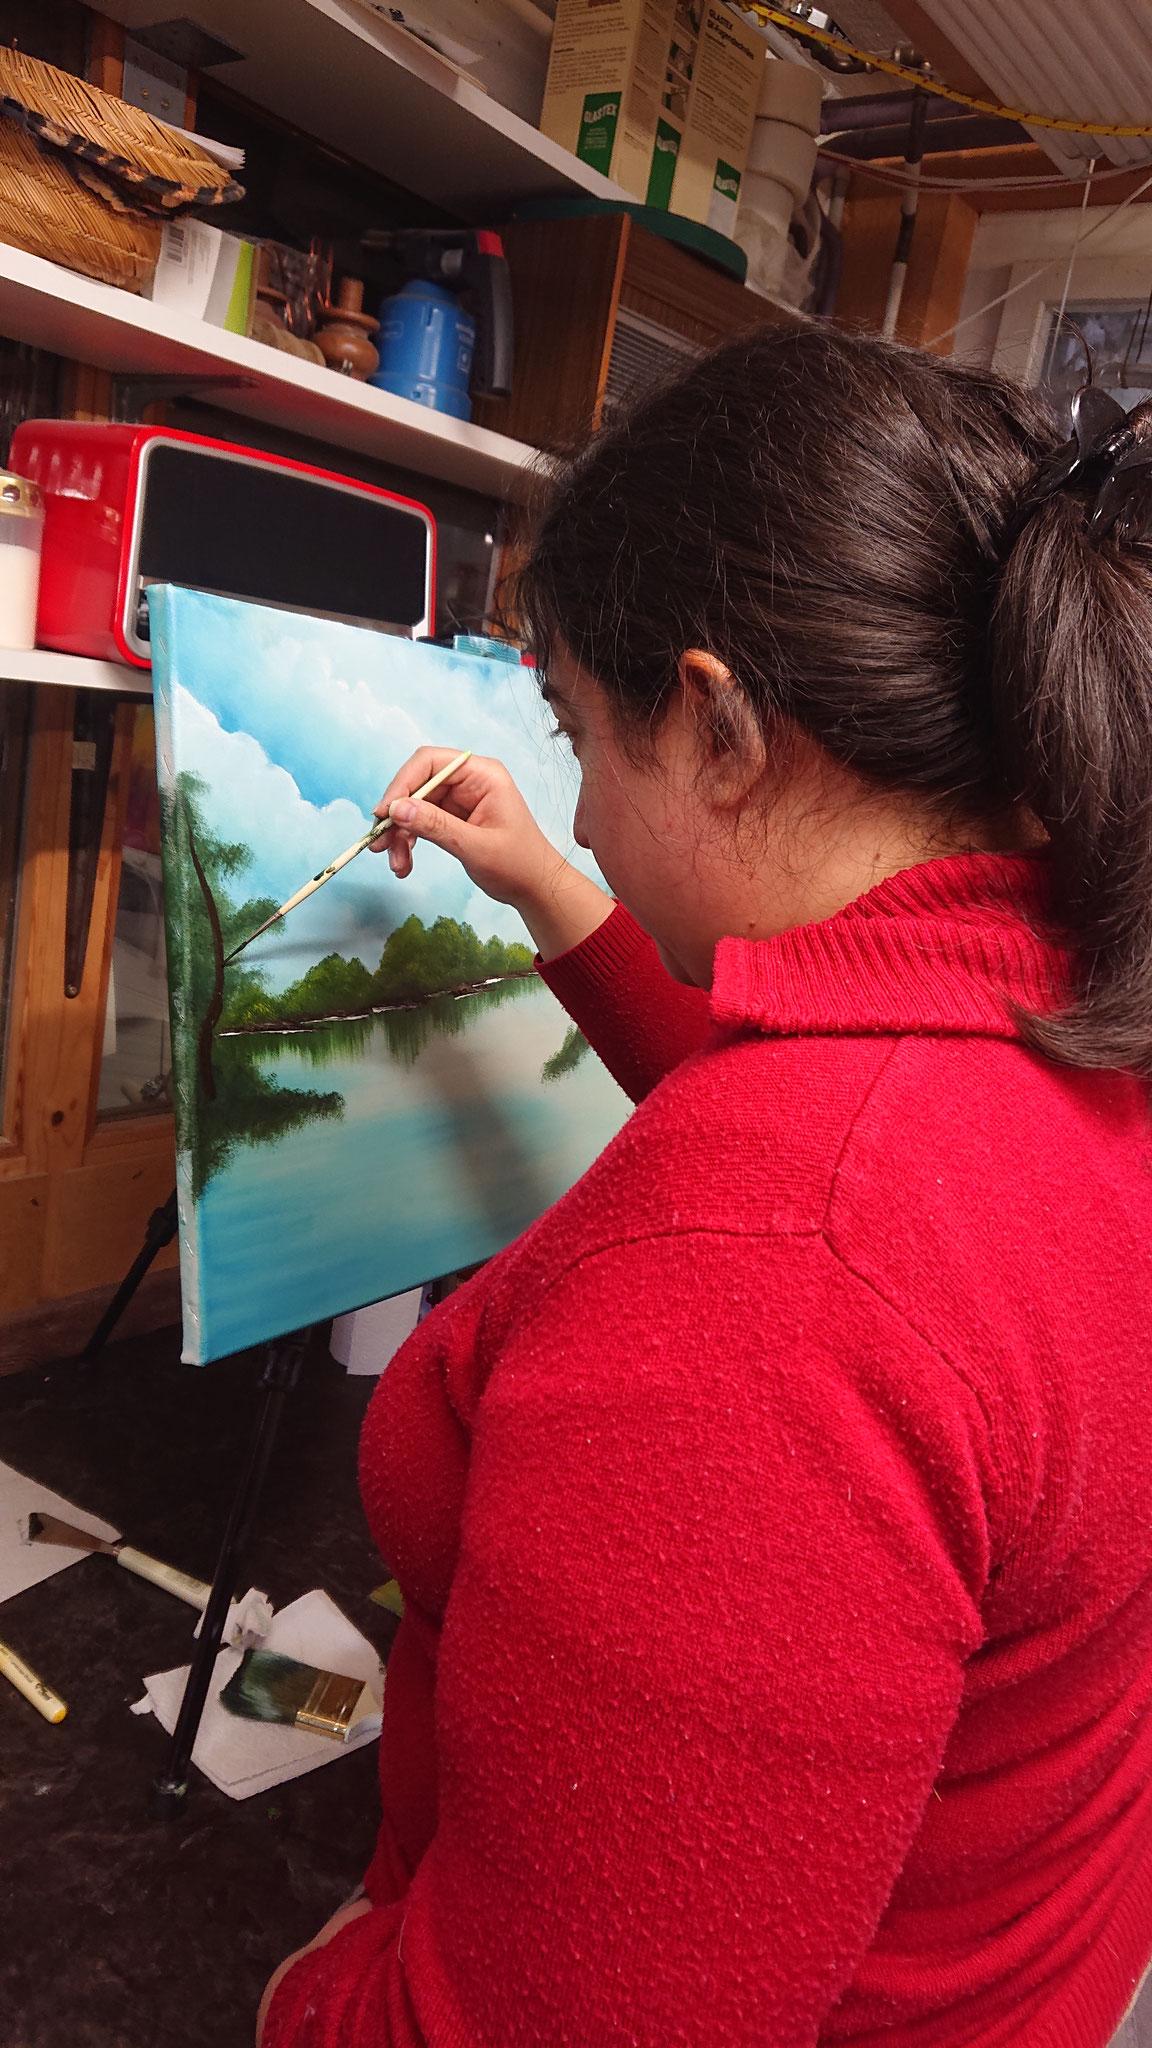 Wir kommen weiter nach vorne, malen schon die Inseln und Bäume.